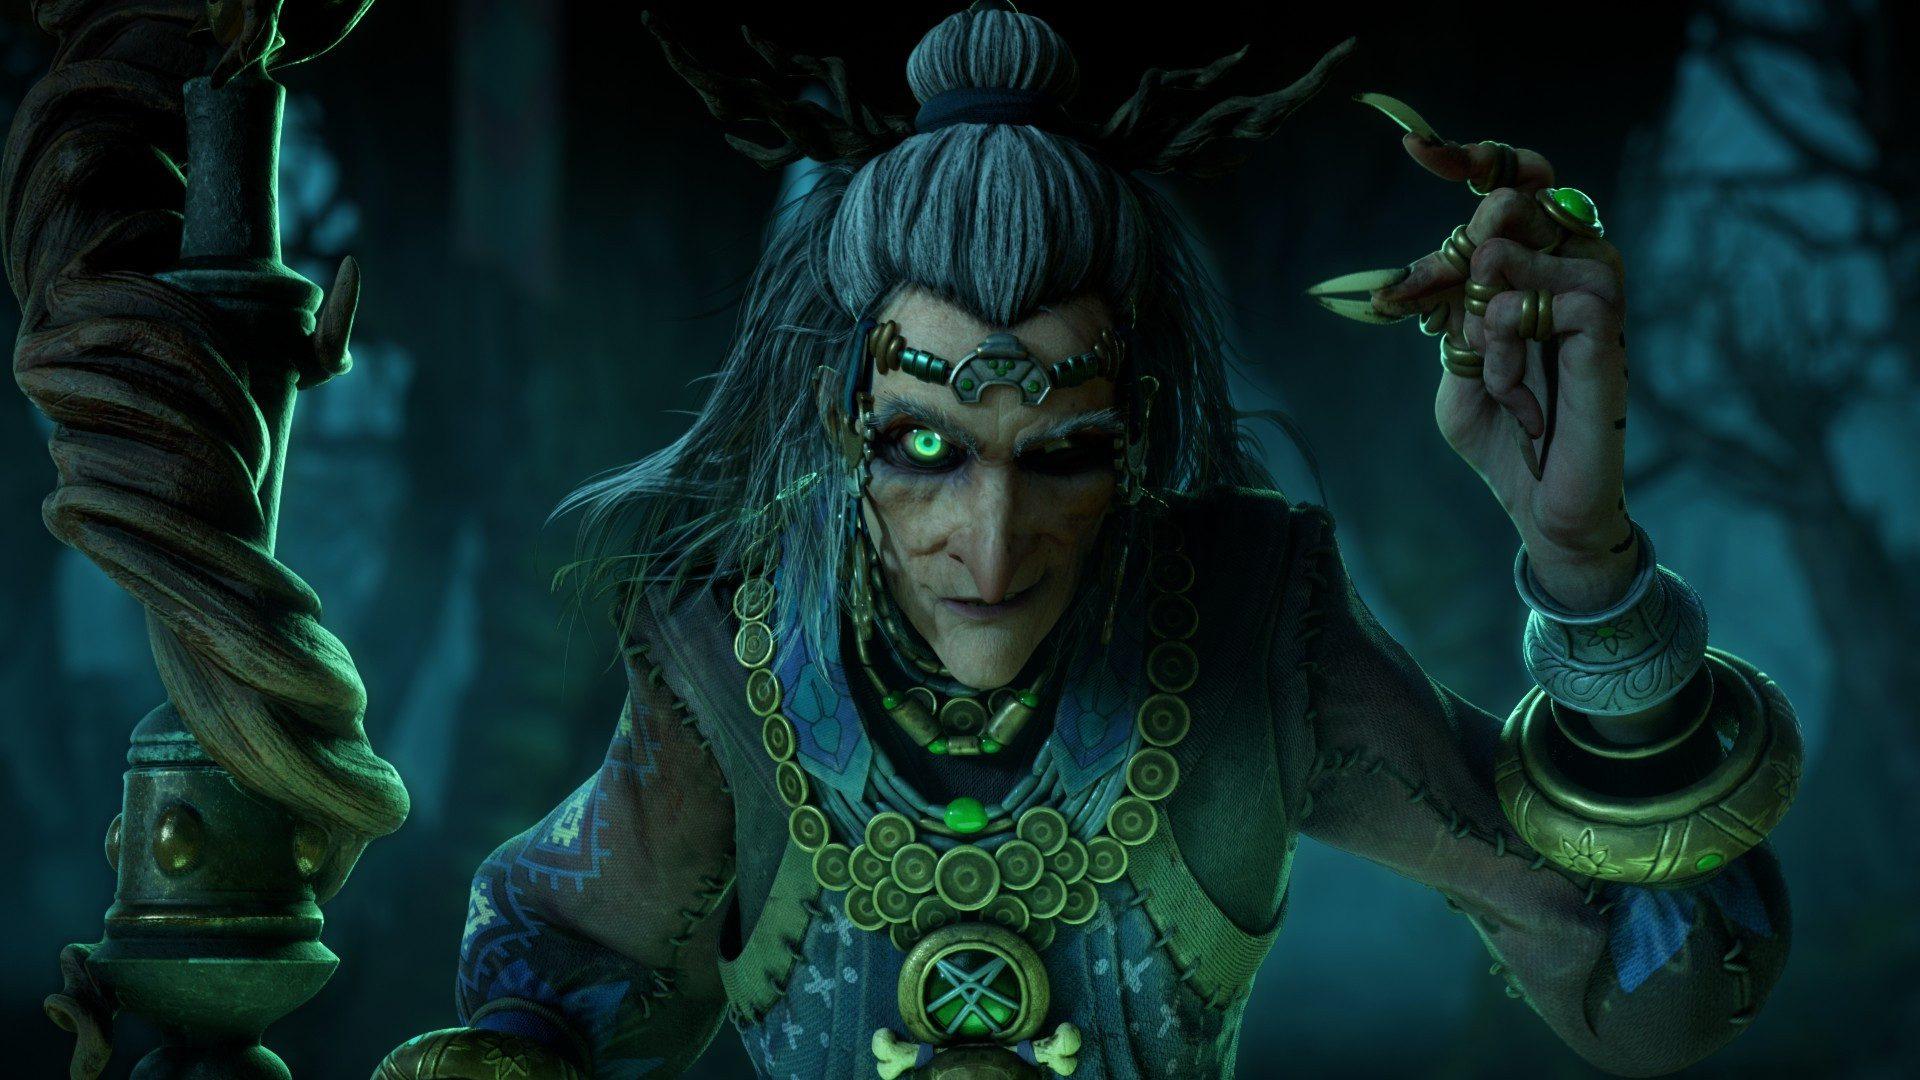 Nova atualização de Smite: Baba Yaga conjura caos no campo de batalha dos deuses